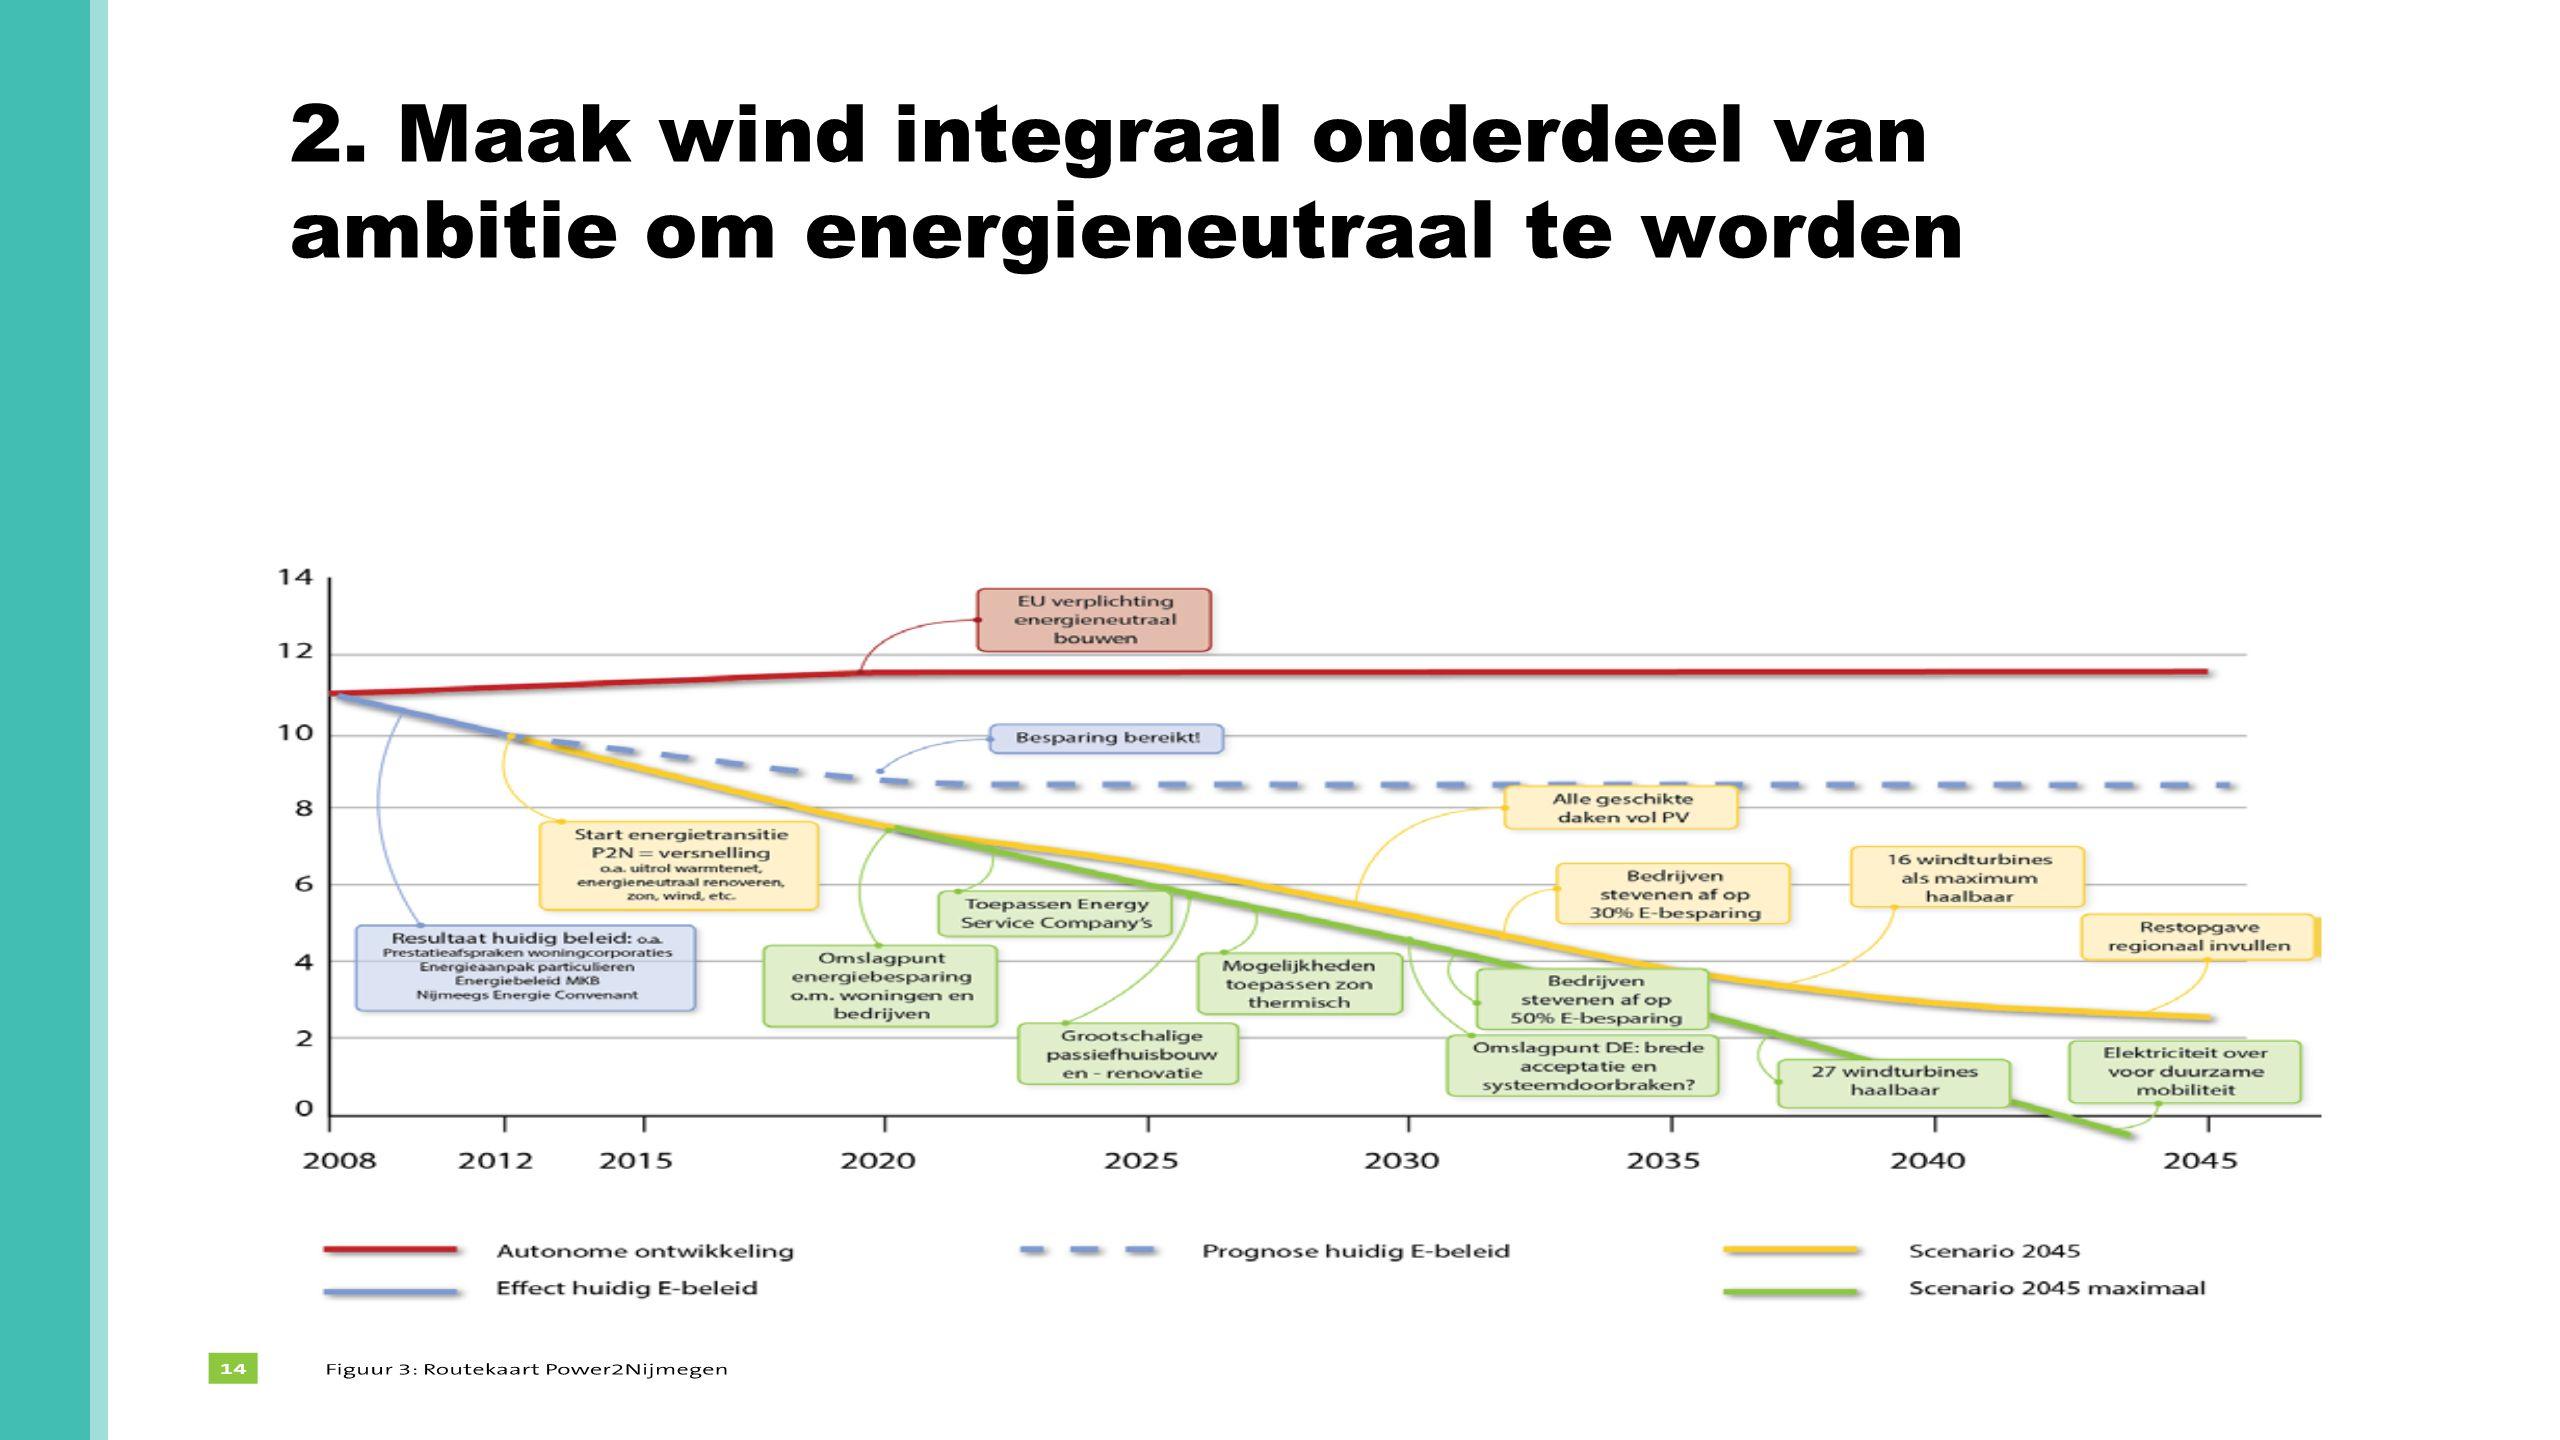 2. Maak wind integraal onderdeel van ambitie om energieneutraal te worden Hoe eenvoudigein vorm, hoe beter.